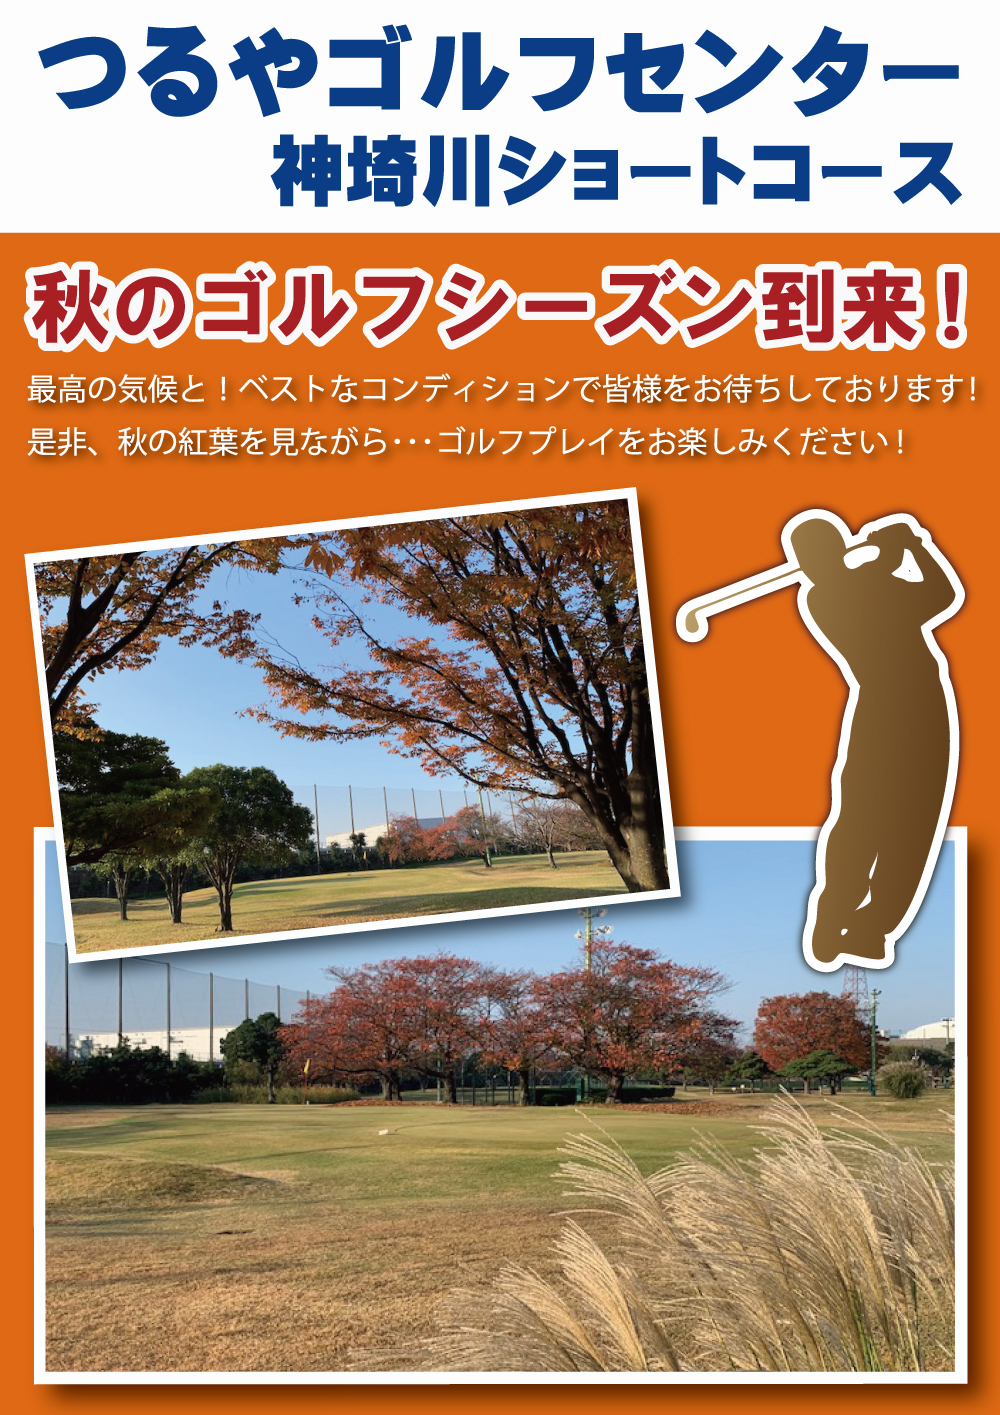 つるやゴルフセンター神埼川ショートコース 紅葉情報